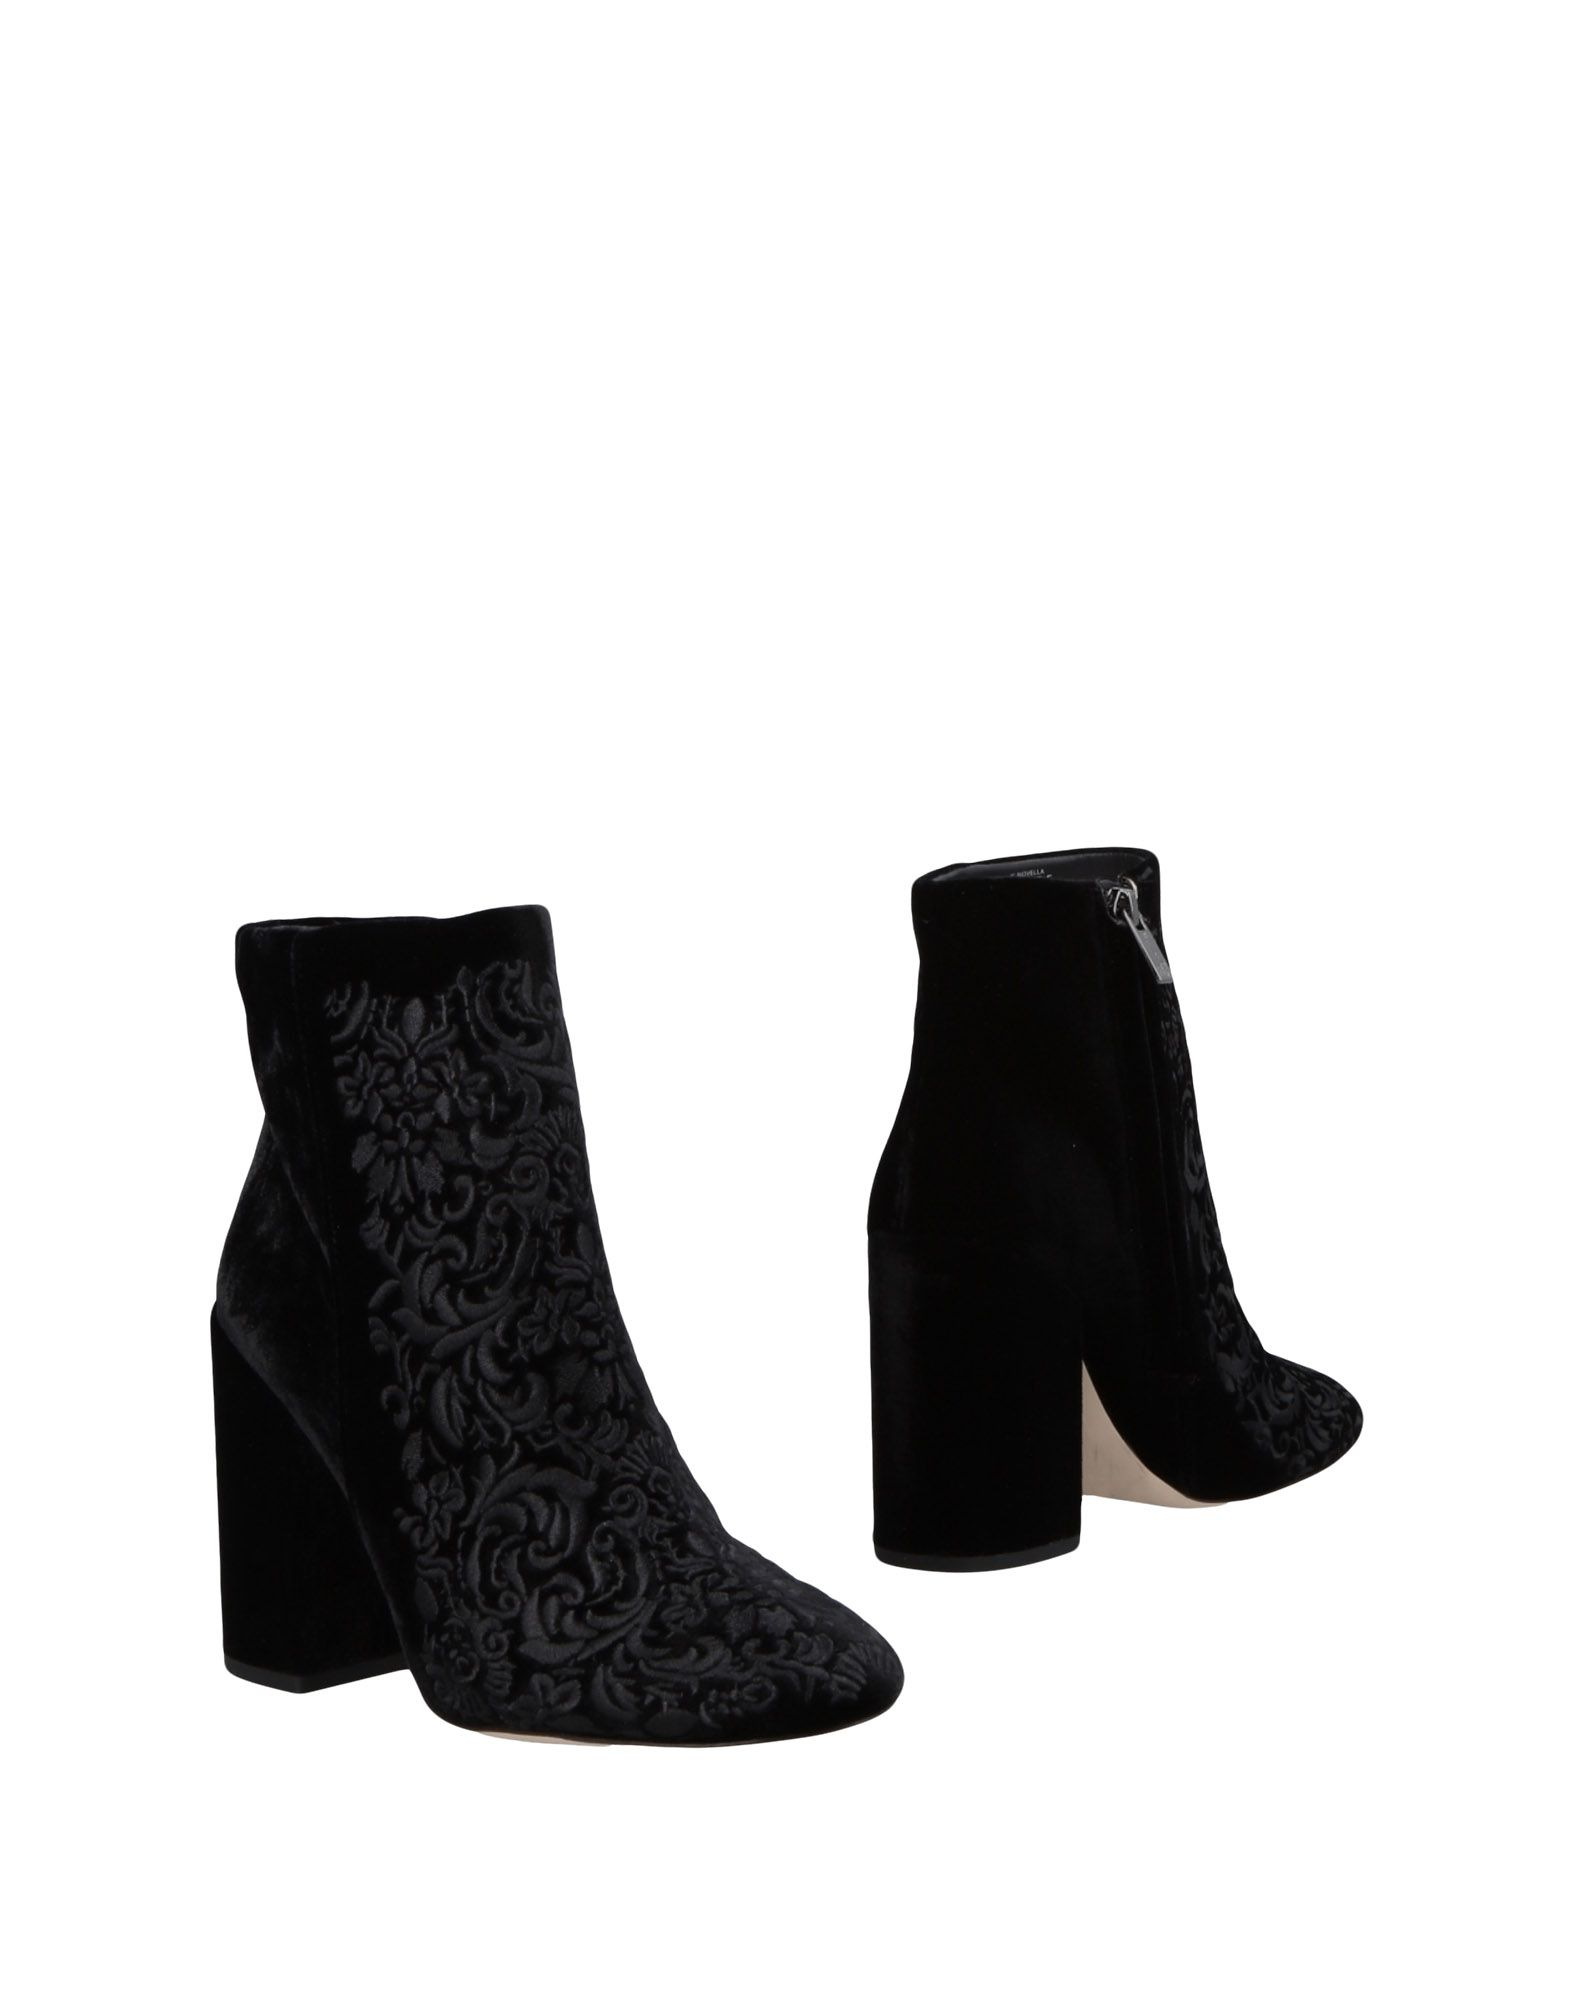 Jessica Simpson Stiefelette Damen  11479999FR Gute Qualität beliebte Schuhe